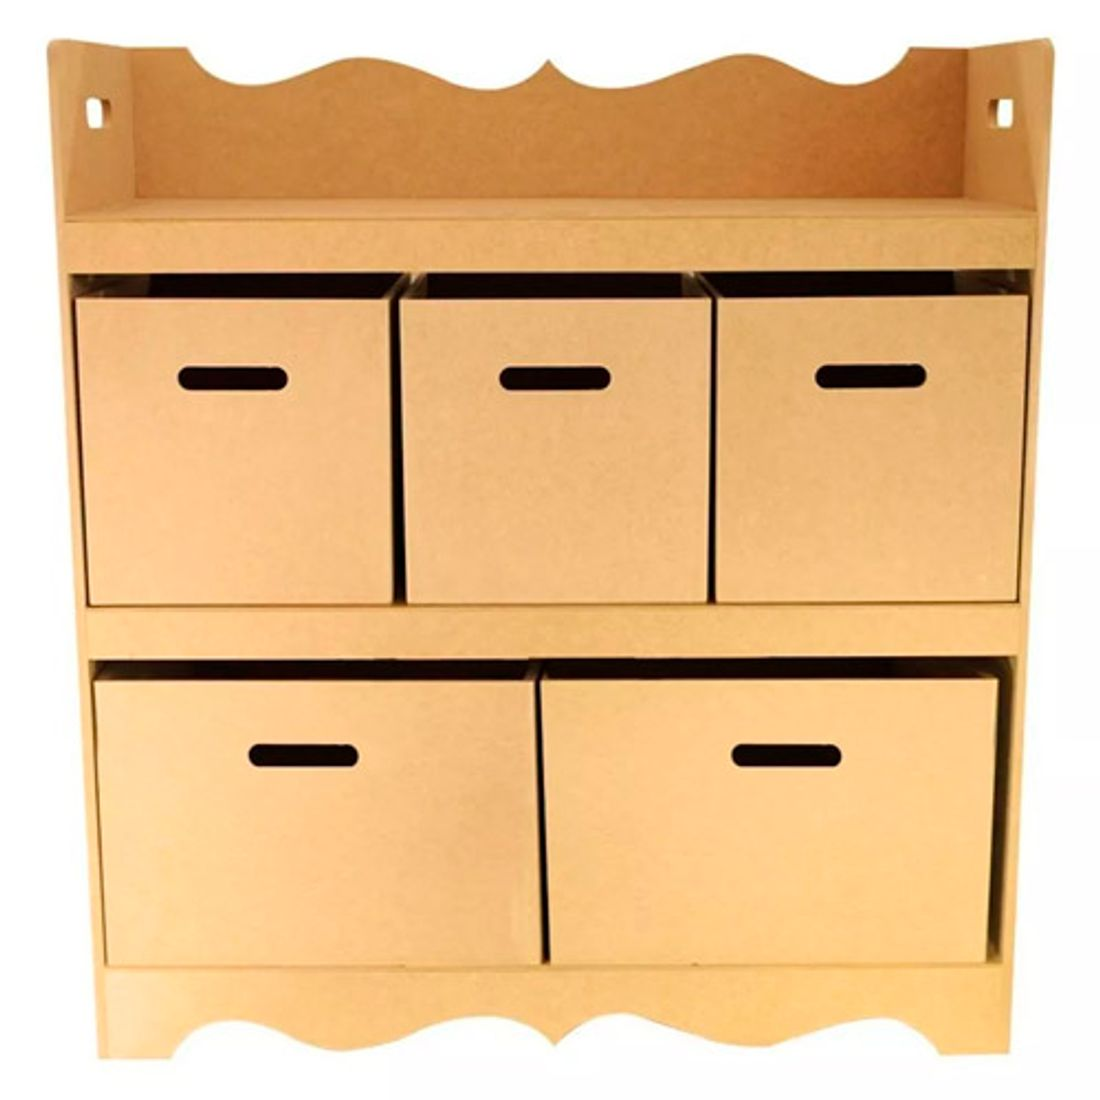 Organizador-C--5-Divisorias-Caixa-C--Alca-Brinquedos-Mdf9mm